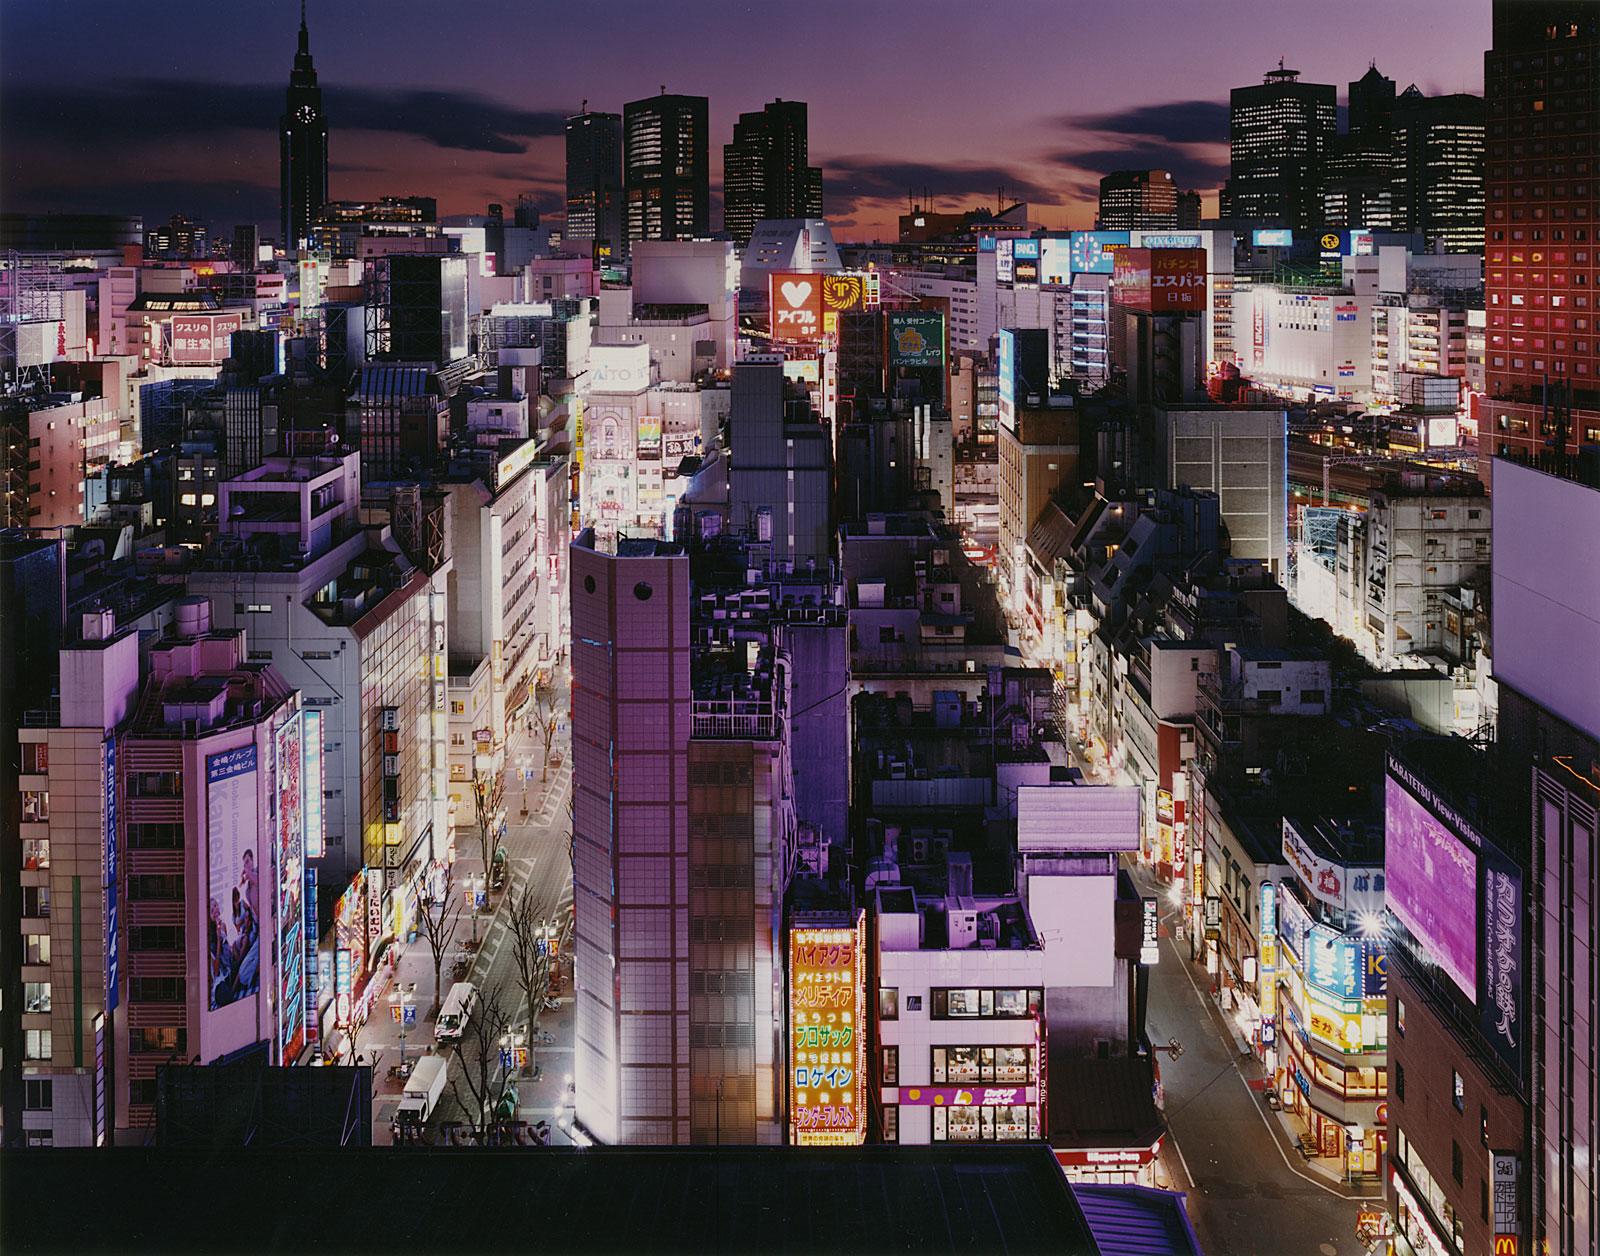 6年間都内の非常階段から景色を撮り続けた男 ― 猥雑で美しい 日本の街並み求めて ~佐藤信太郎インタビュー~の画像6